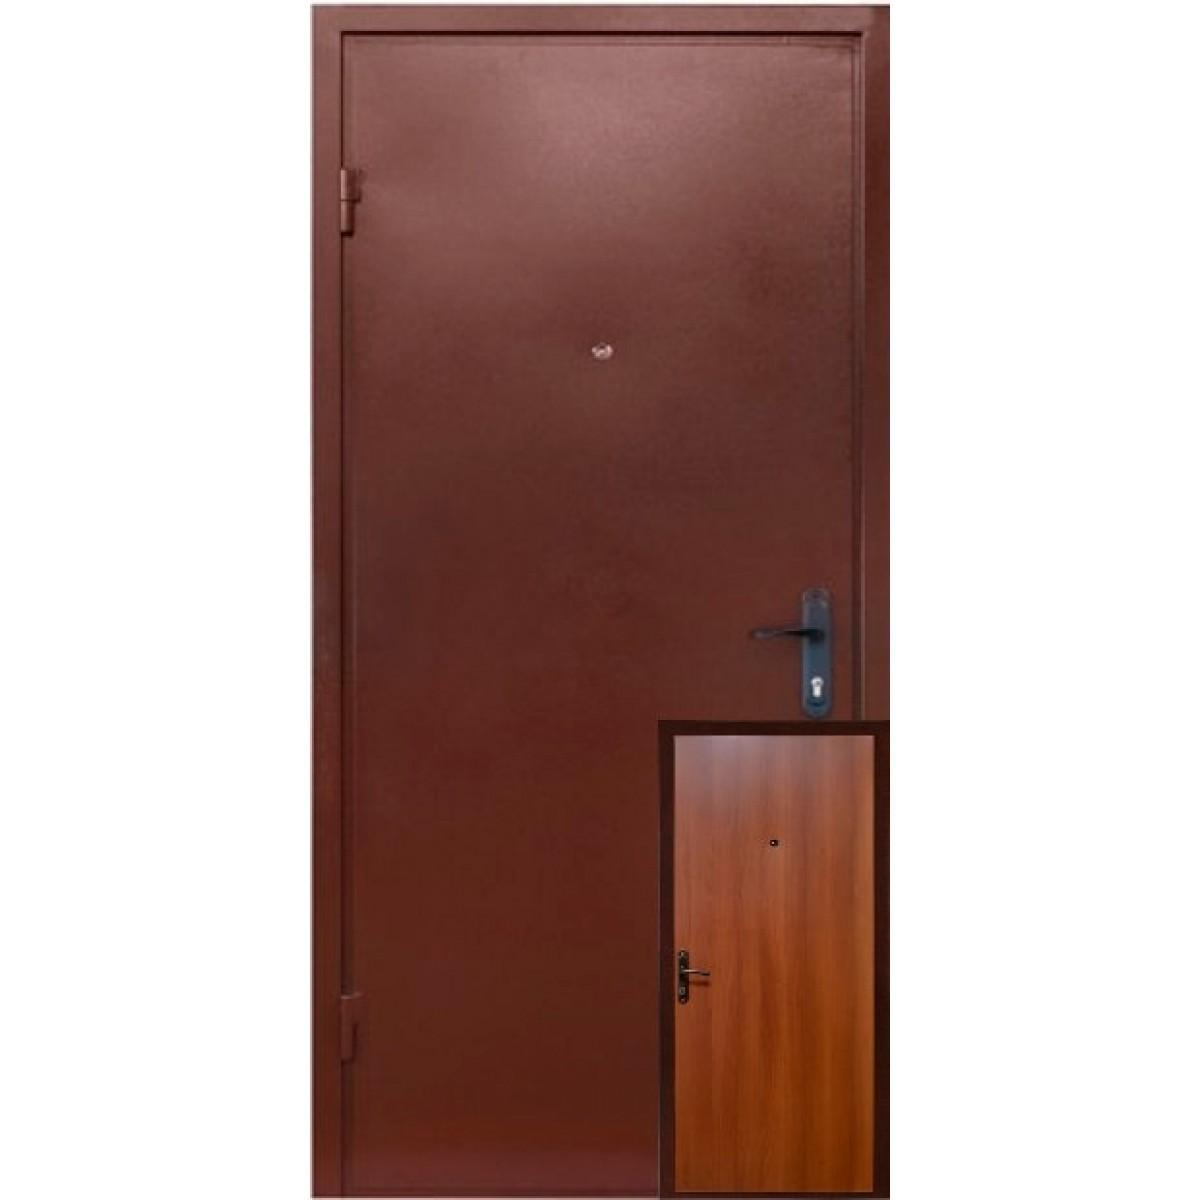 Входная дверь металл / ДСП темный орех 1900 мм